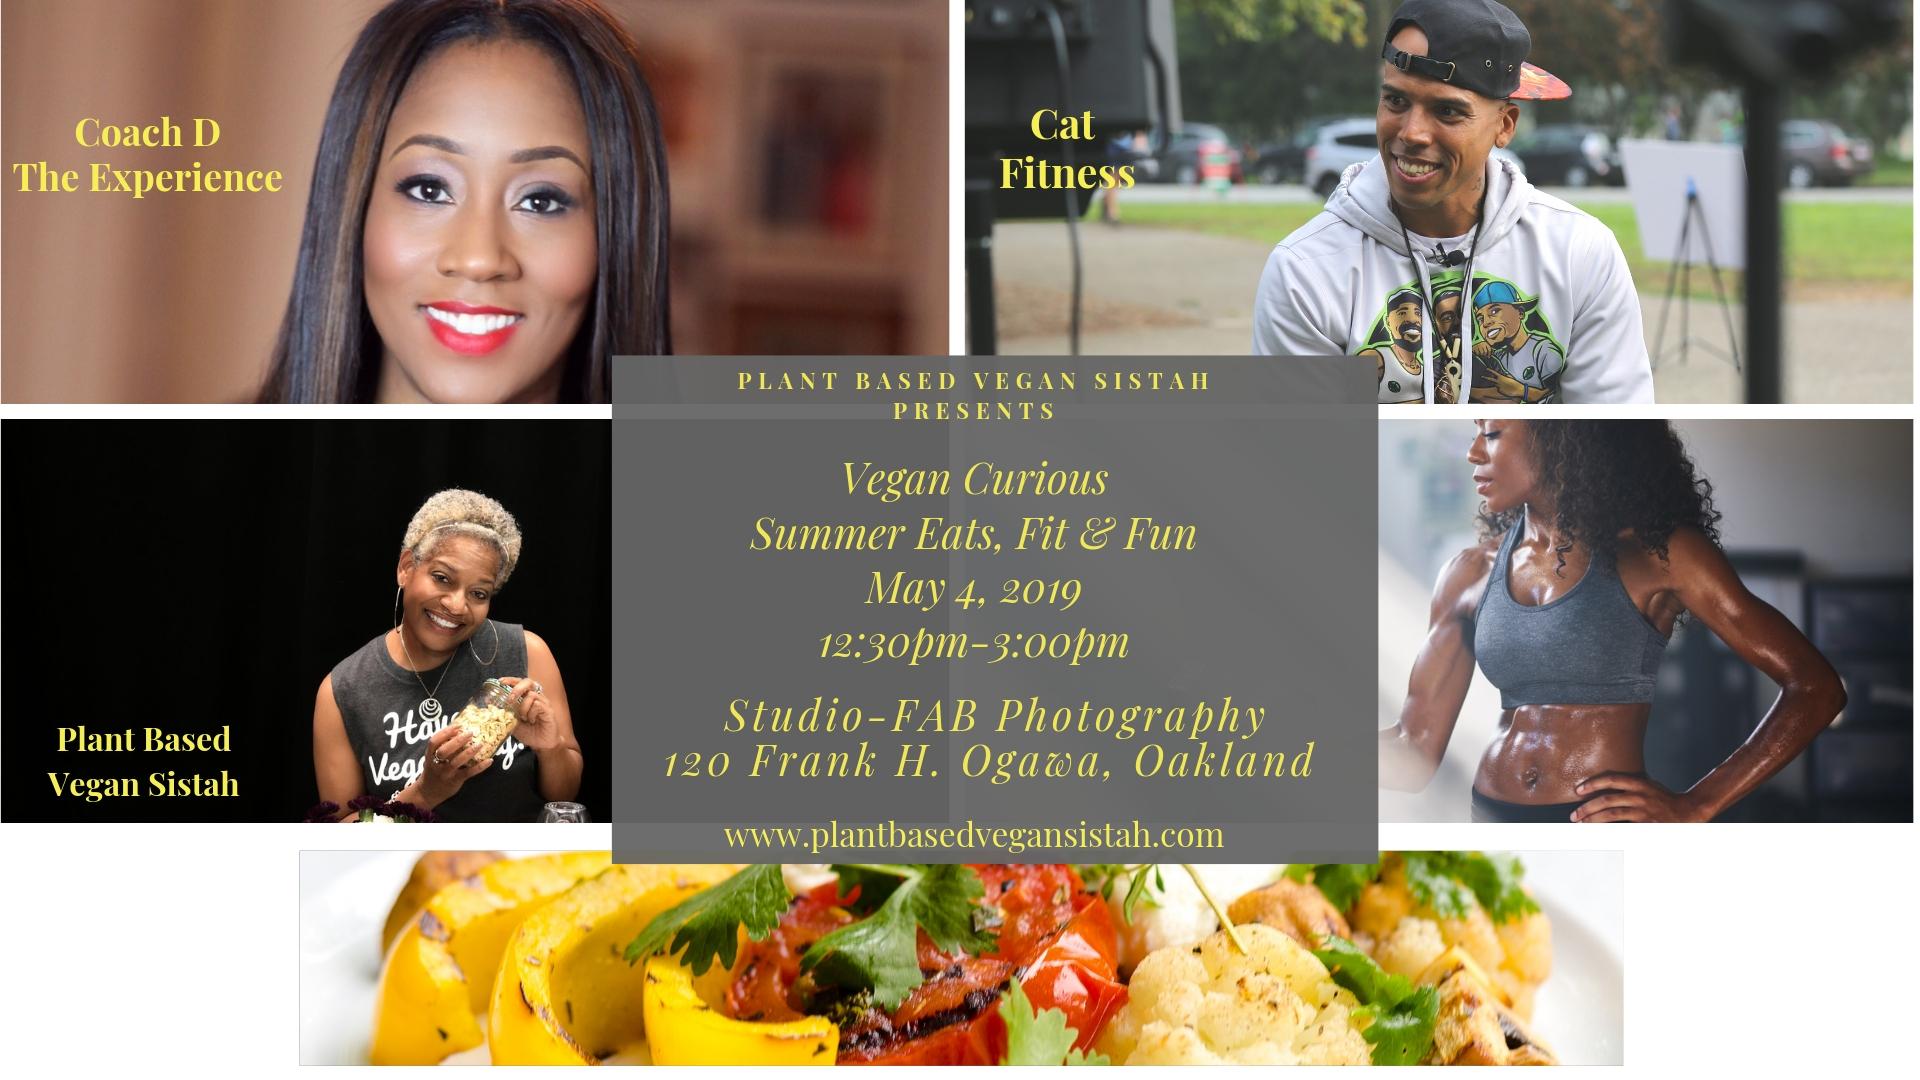 Vegan Curious Event: Summer Eats, Fit & Fun May 4, 2019